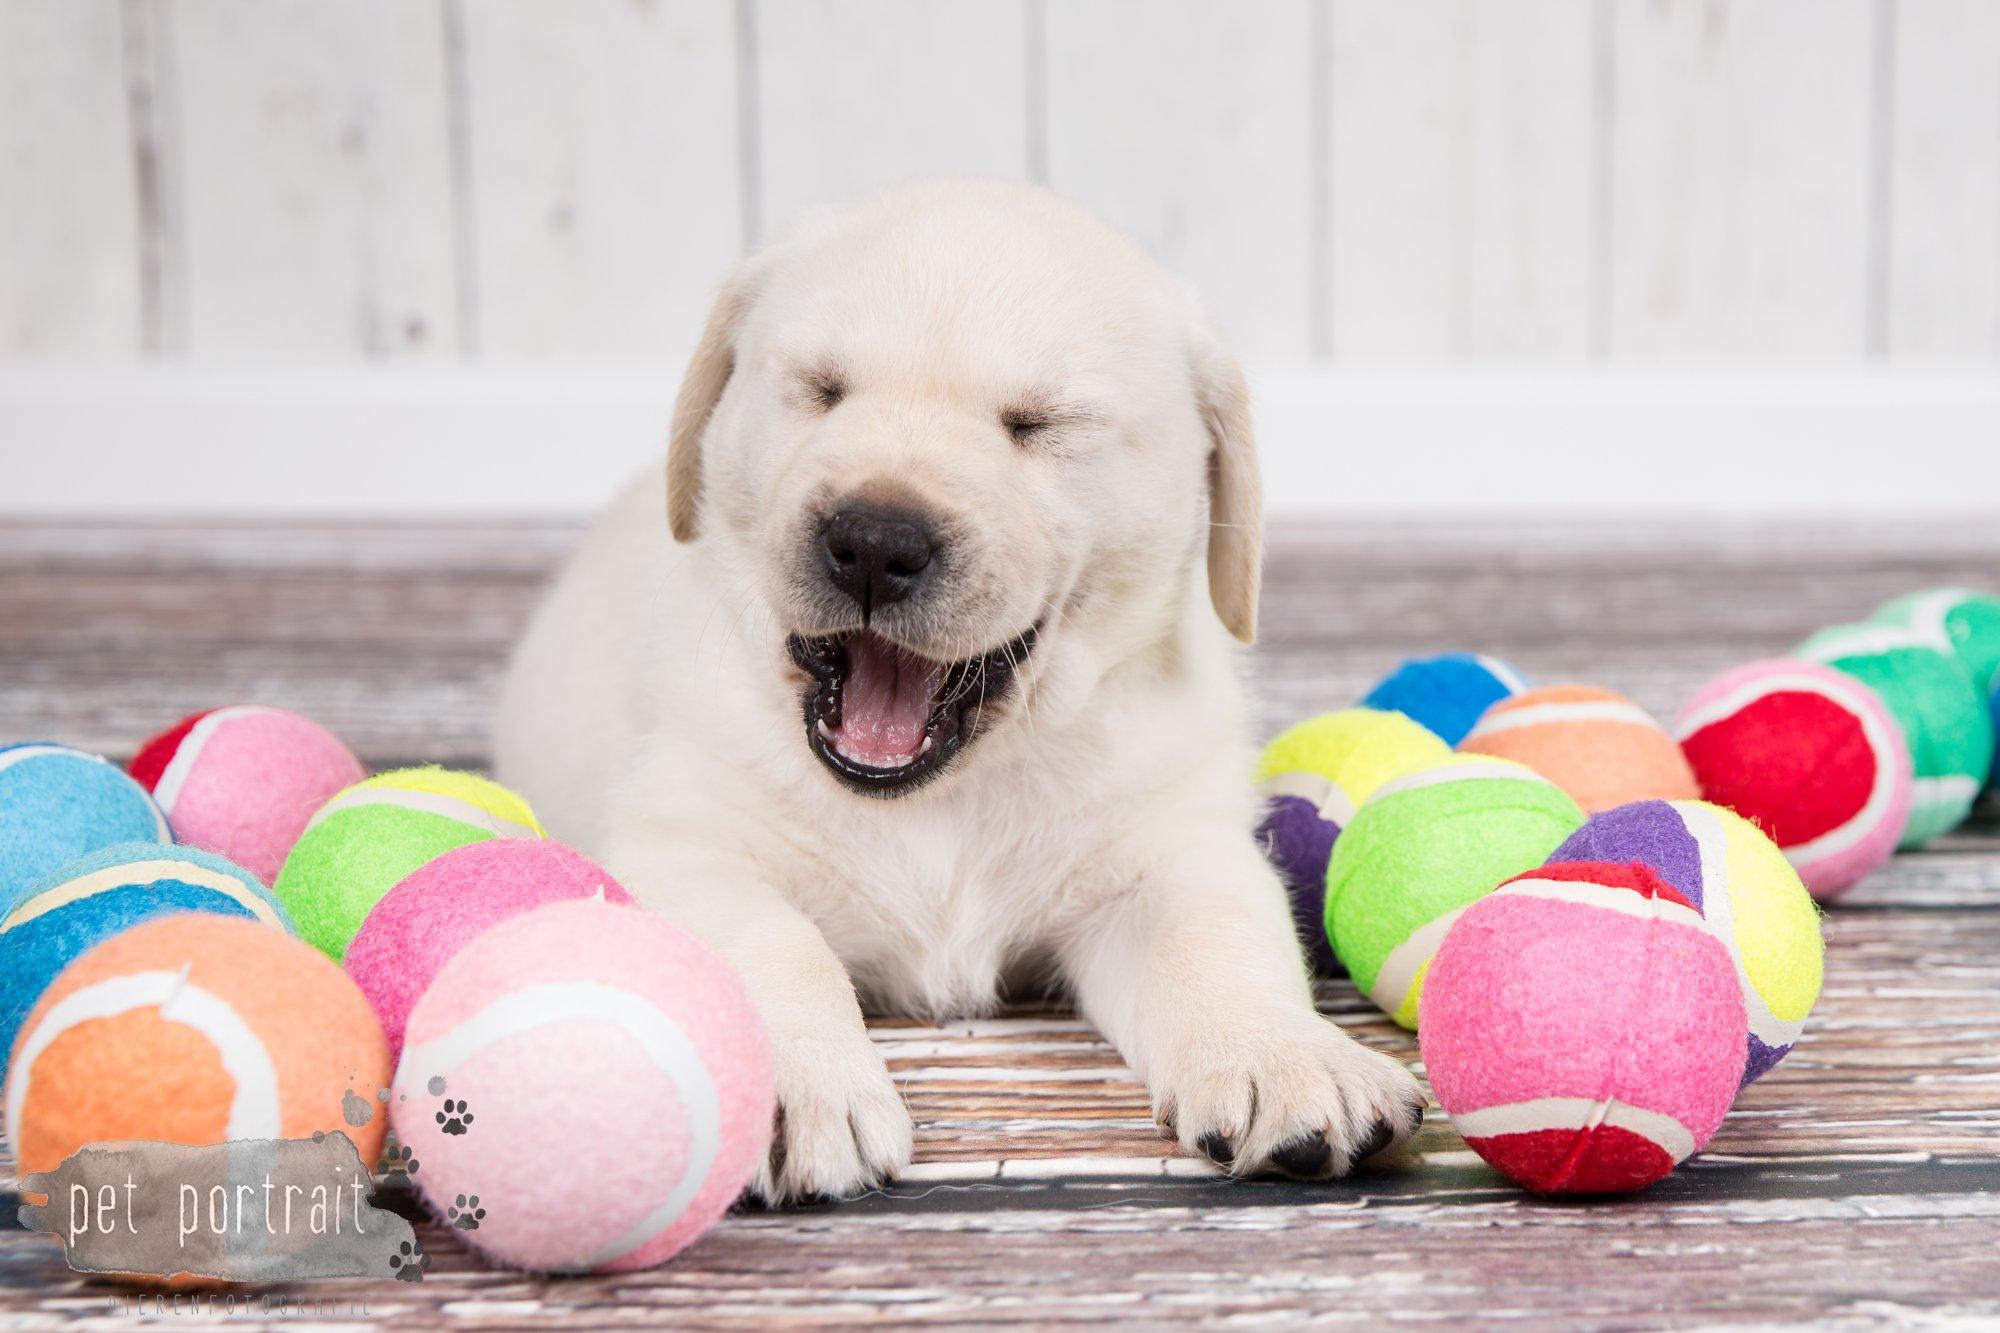 Hondenfotograaf Hillegom - Nestfotoshoot voor Labrador pups-41